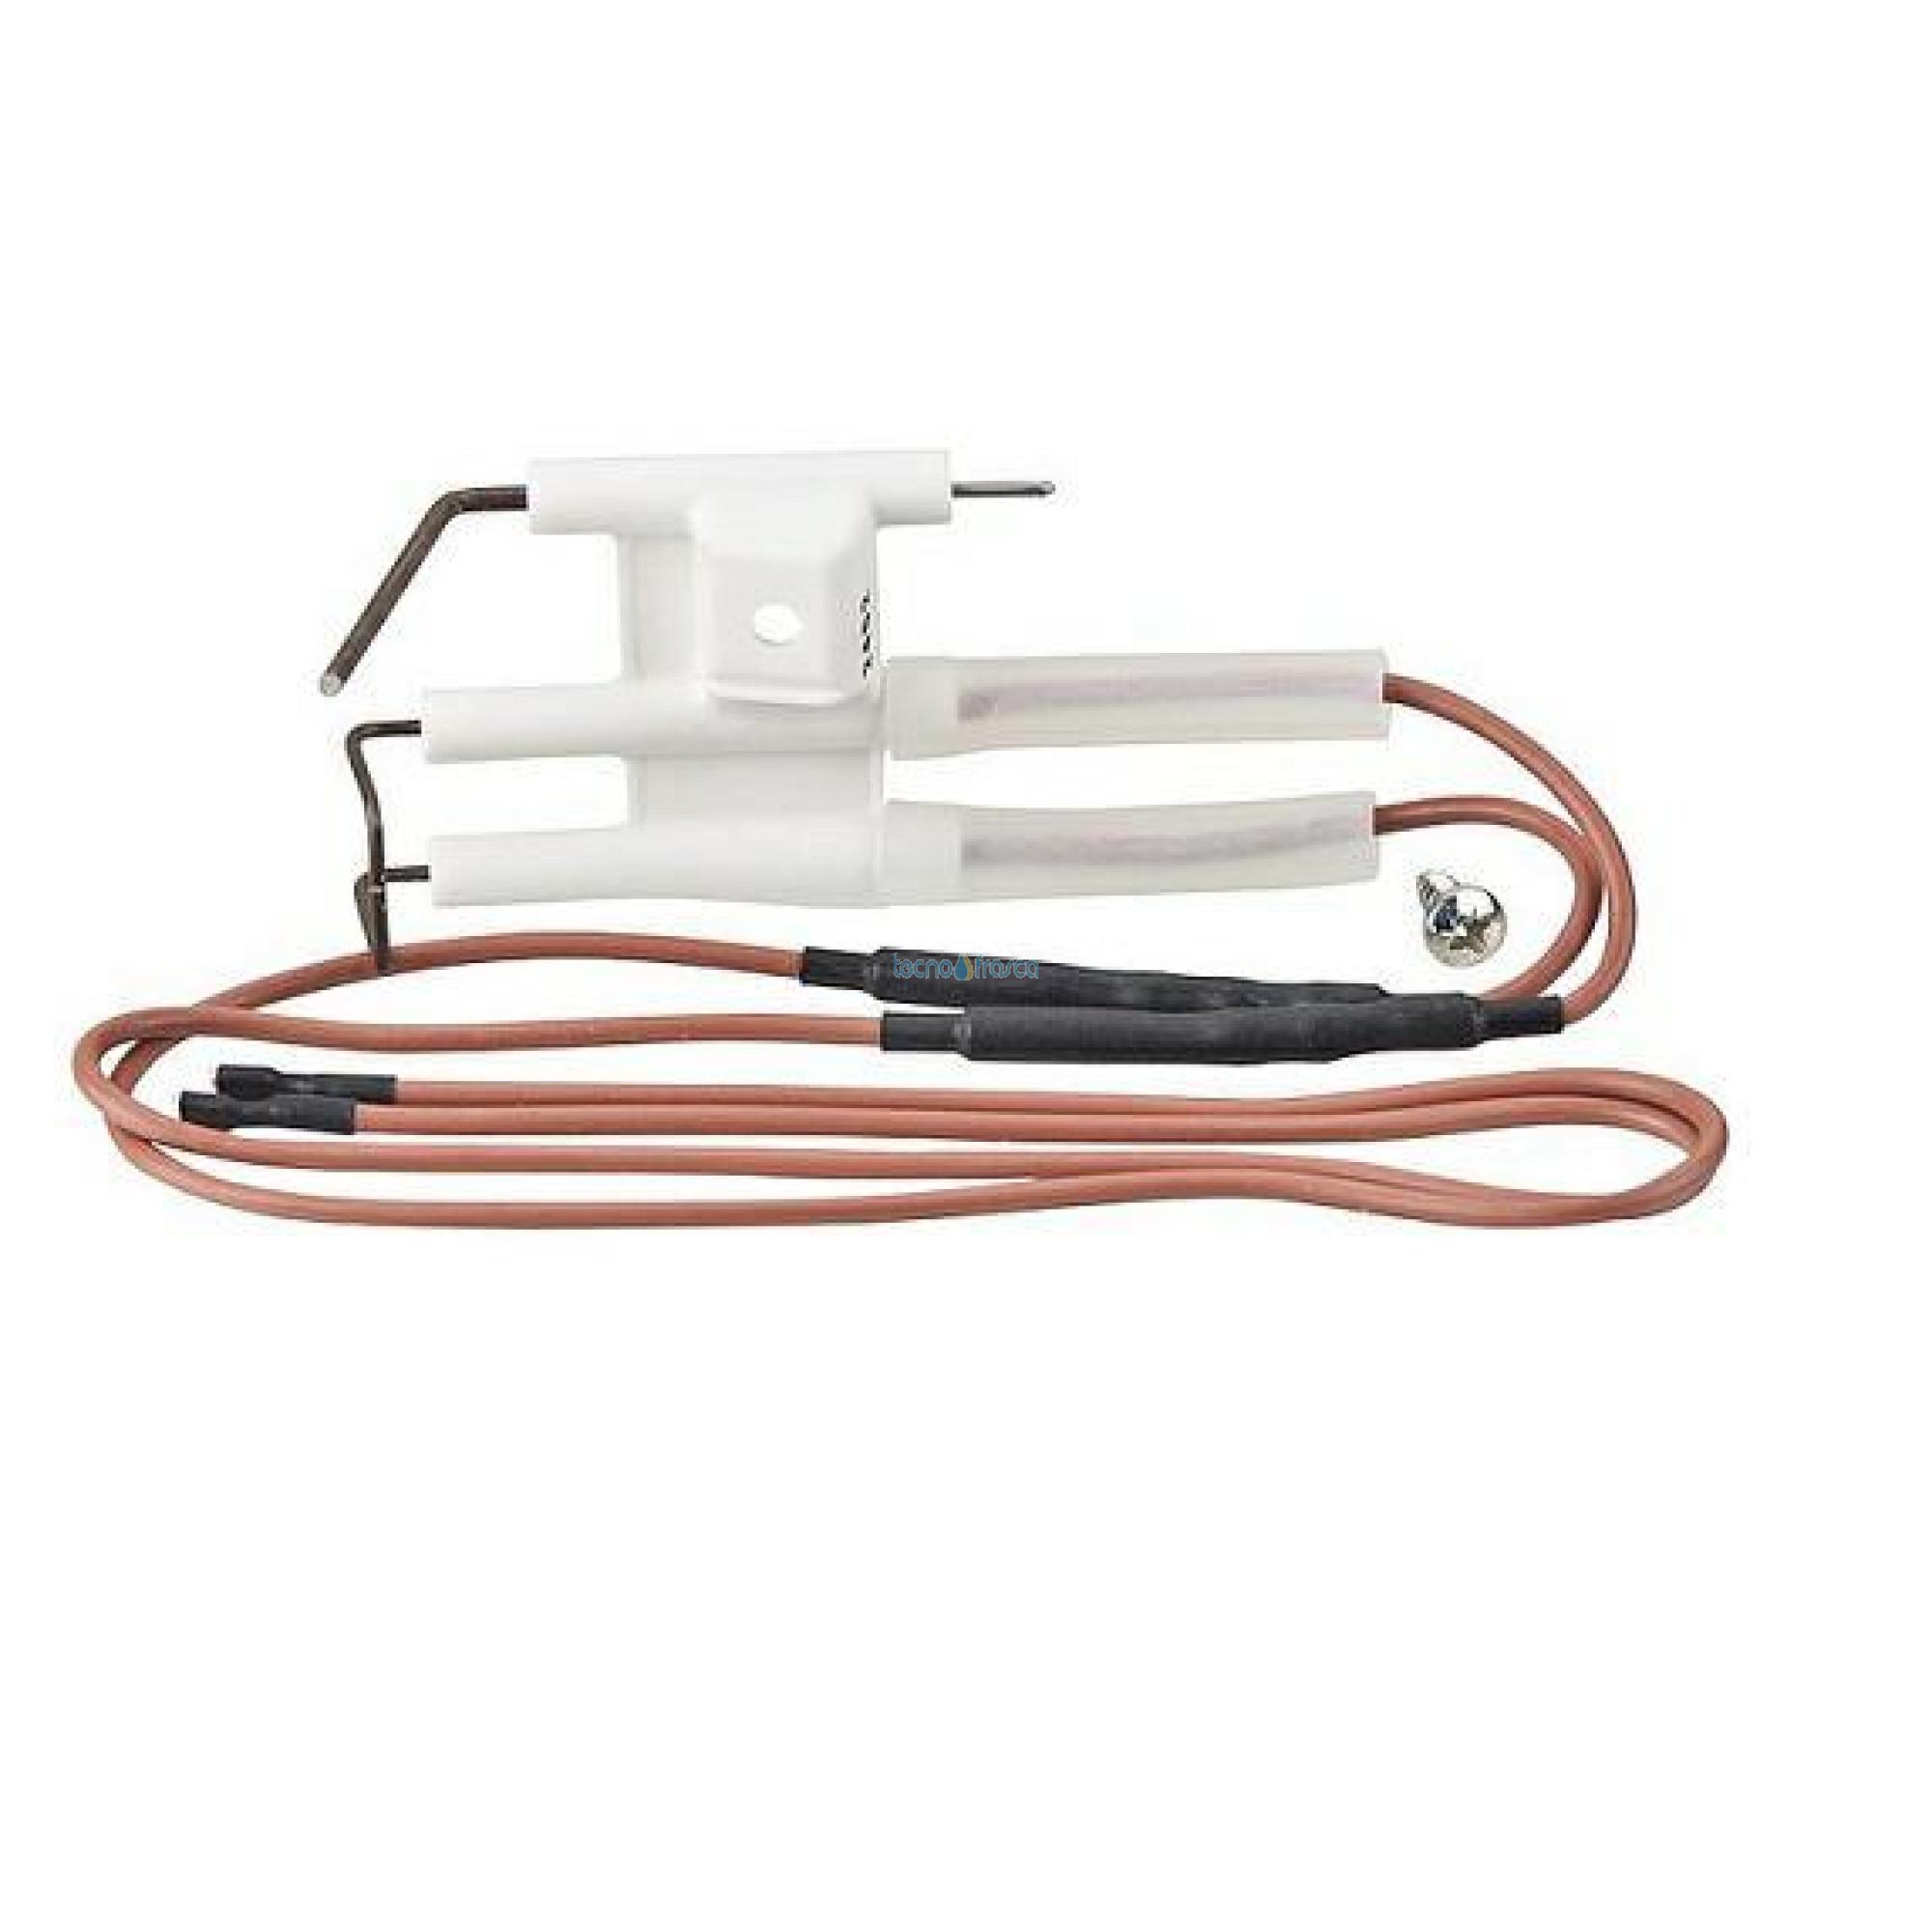 Vaillant elettrodo di accensione 090737